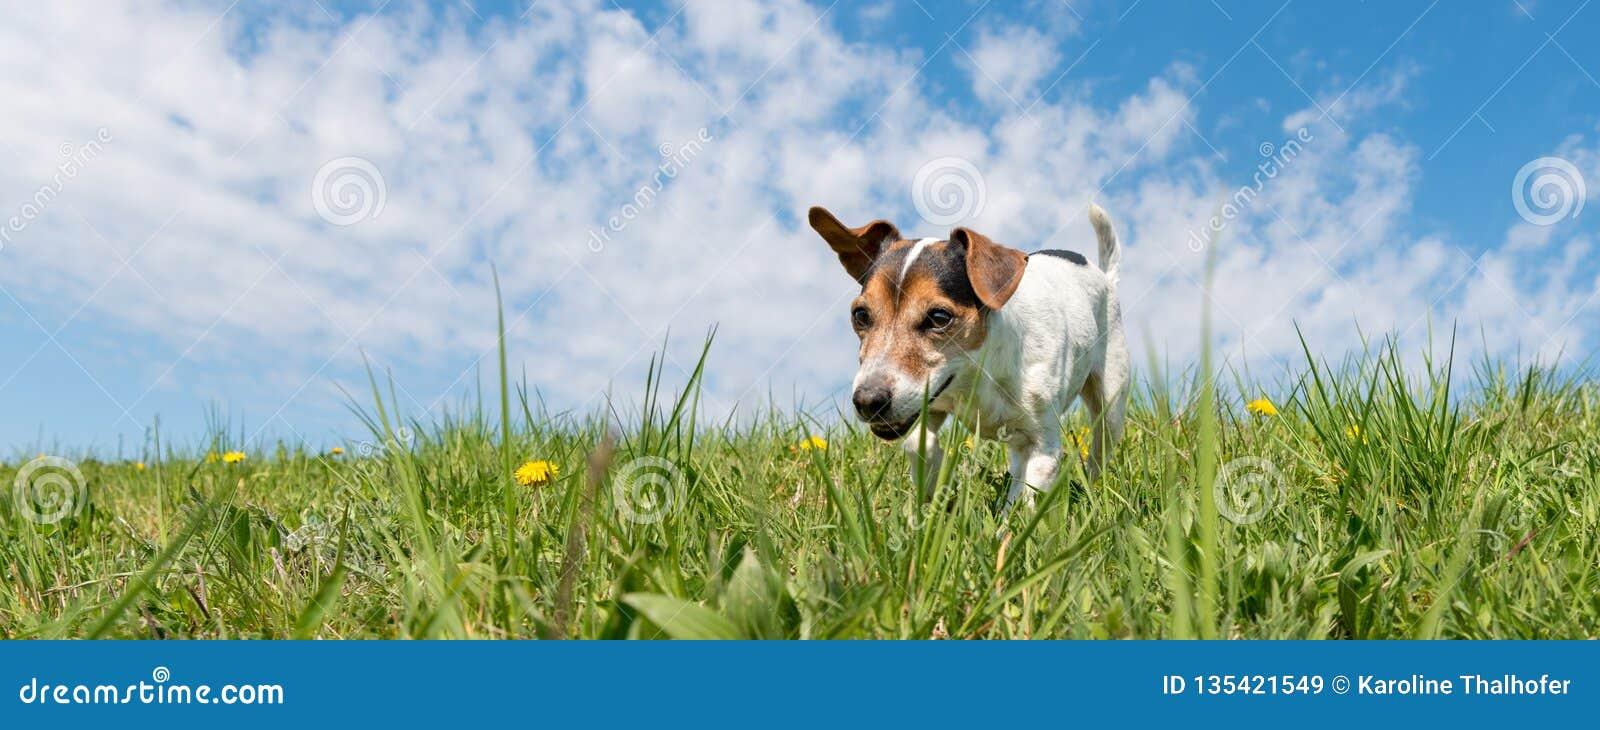 Собака терьера Джек Рассела на луге перед голубым небом